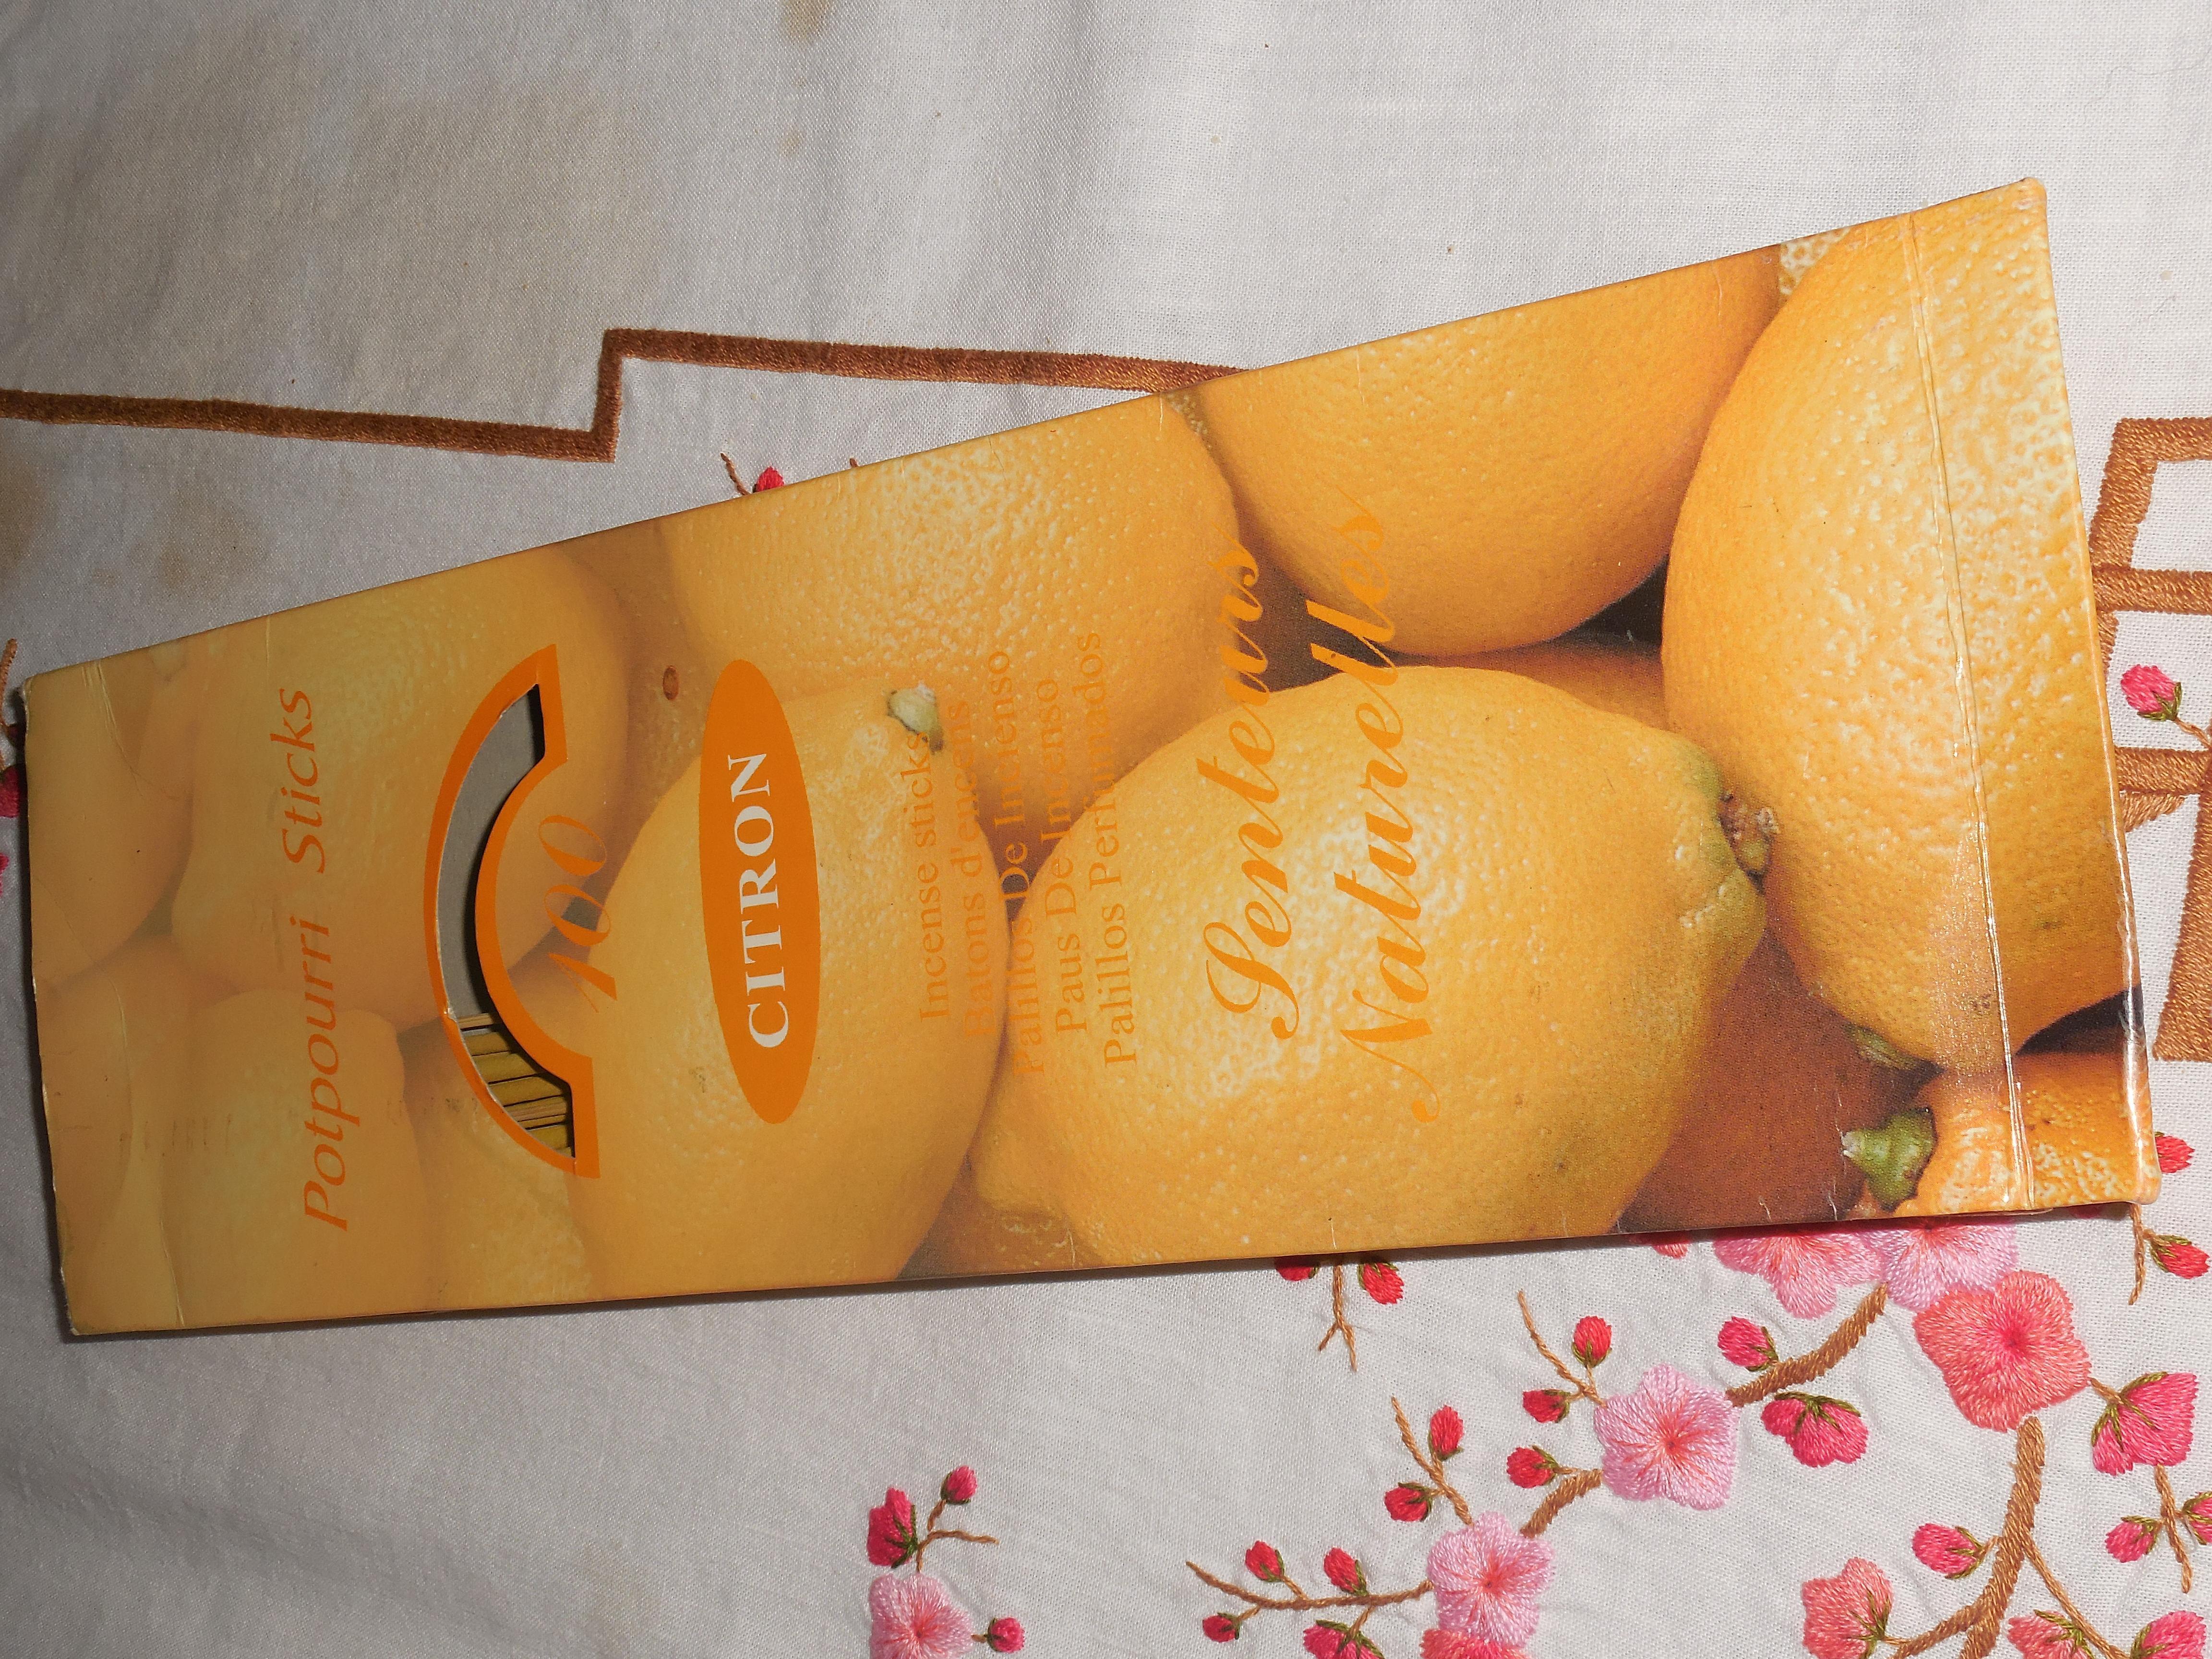 troc de troc 12 batonnets d'encens citron image 0